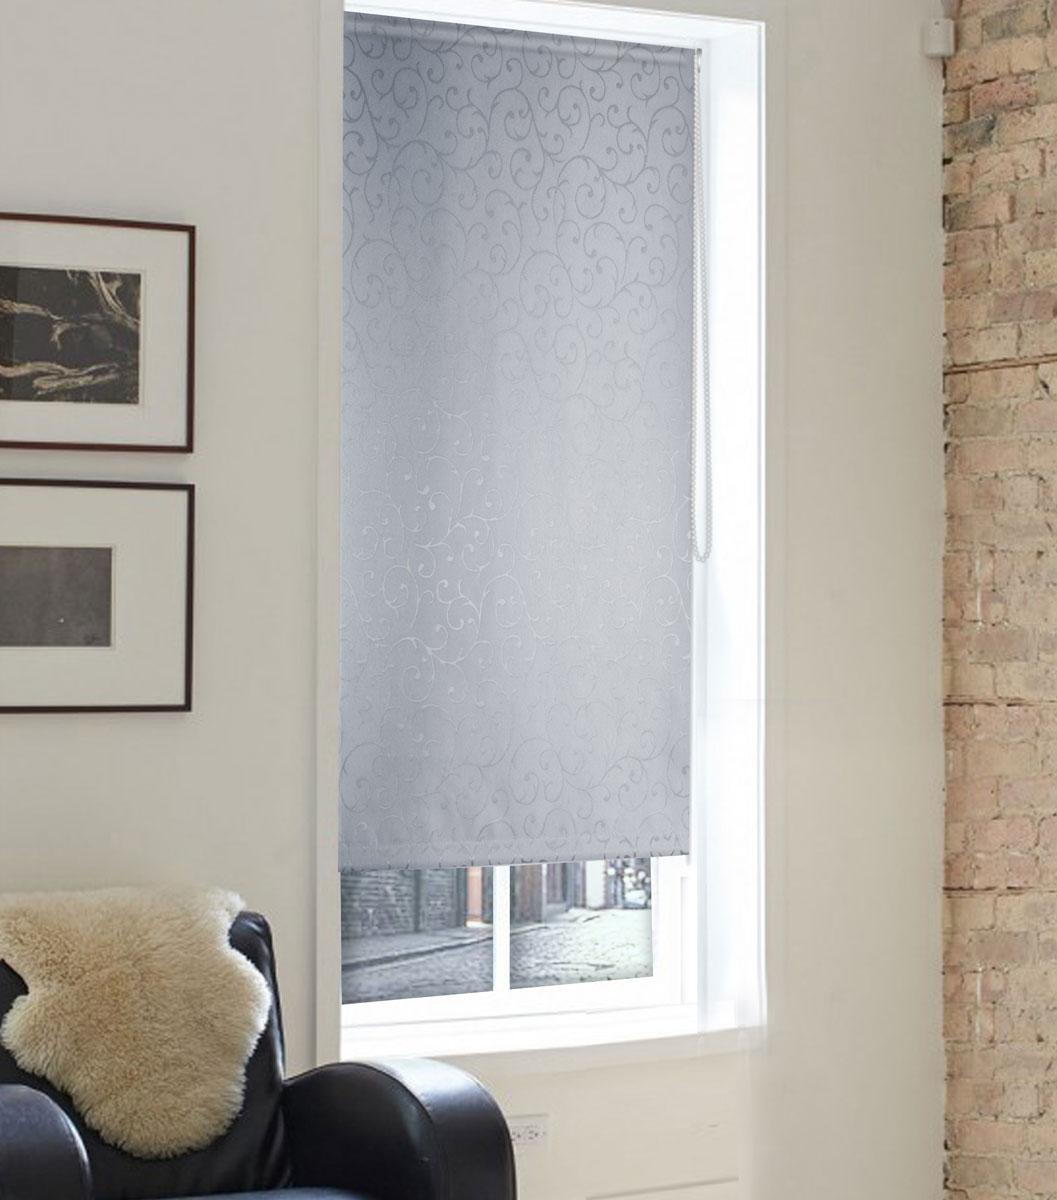 Штора рулонная Эскар Миниролло. Агат, фактурная, цвет: серый, ширина 52 см, высота 160 см37022052160Рулонная штора Эскар Миниролло. Агат выполнена из высокопрочной ткани, которая сохраняет свой размер даже при намокании. Ткань не выцветает и обладает отличной цветоустойчивостью. Миниролло - это подвид рулонных штор, который закрывает не весь оконный проем, а непосредственно само стекло. Такие шторы крепятся на раму без сверления при помощи зажимов или клейкой двухсторонней ленты. Окно остается на гарантии, благодаря монтажу без сверления. Такая штора станет прекрасным элементом декора окна и гармонично впишется в интерьер любого помещения.